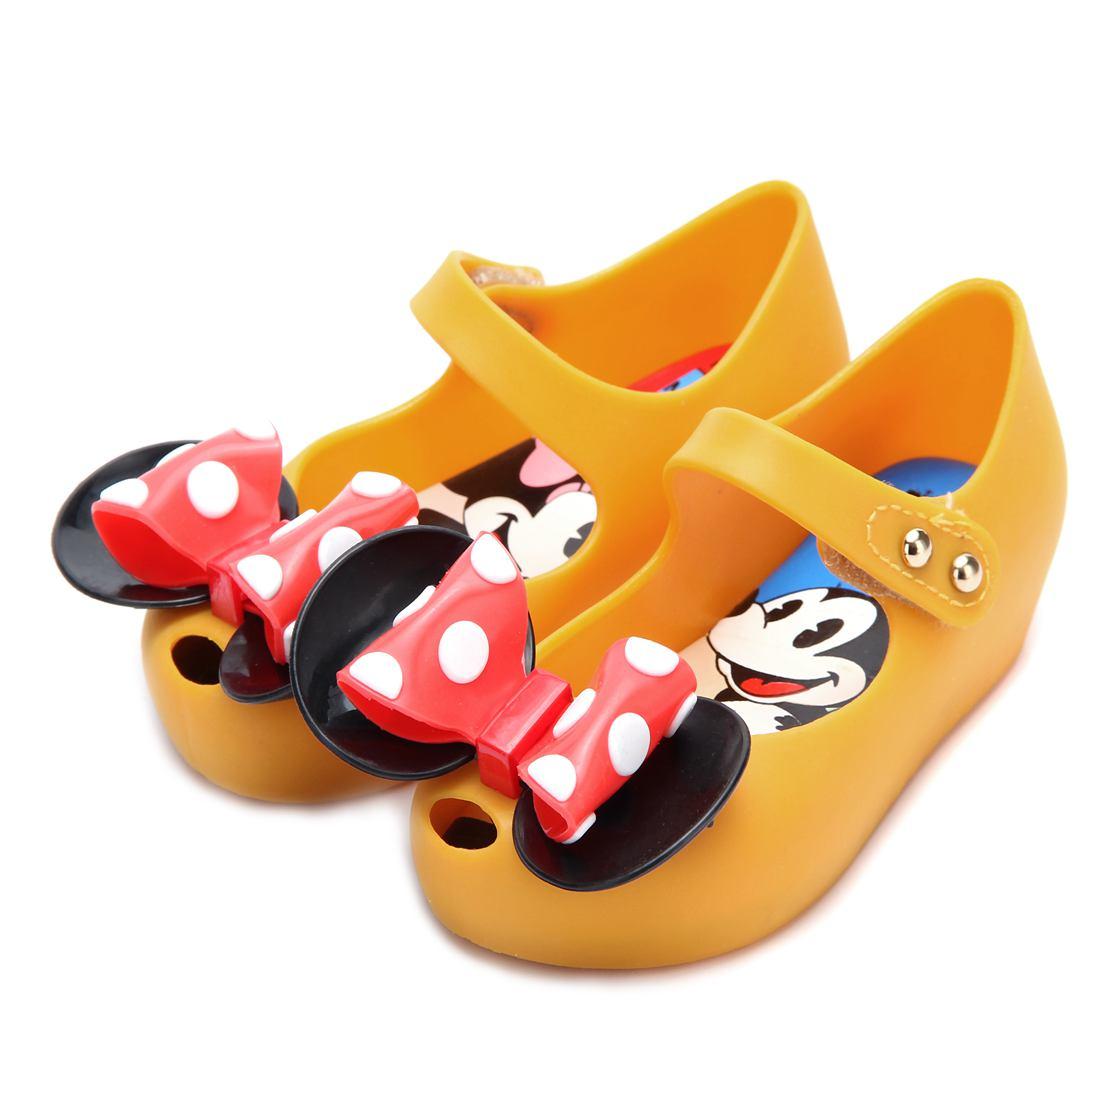 Mini Melissa 2 Layer Bow Mouse Twins Kids Sandały 2018 Nowe zimowe - Obuwie dziecięce - Zdjęcie 2